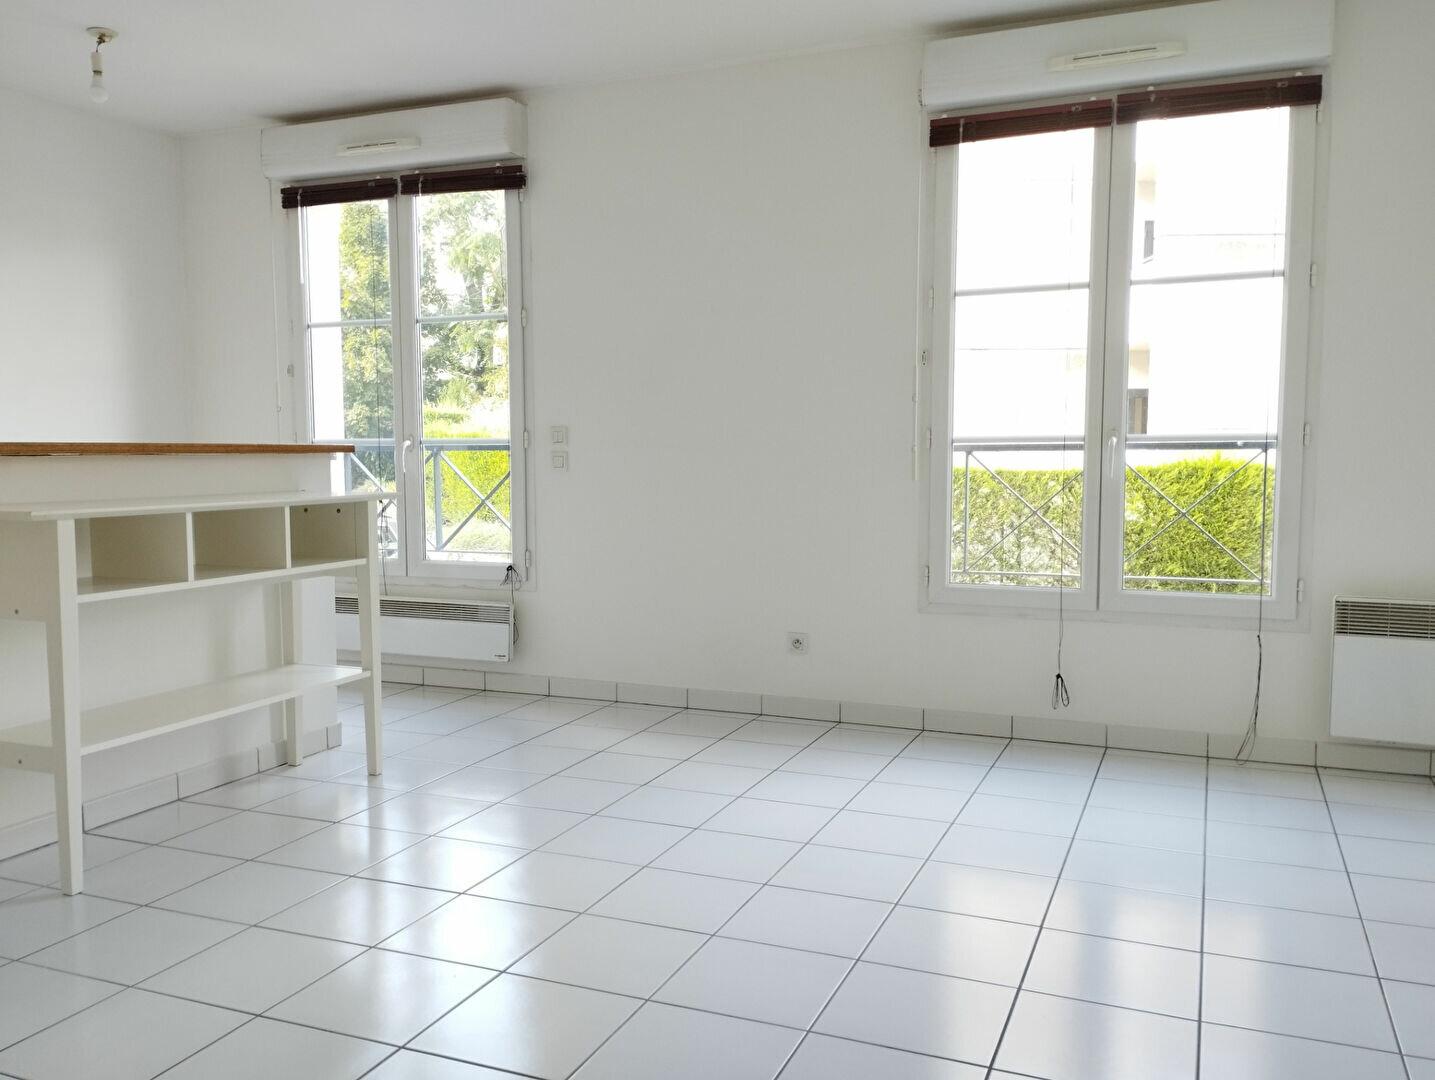 Appartement à louer 1 27.11m2 à Compiègne vignette-1